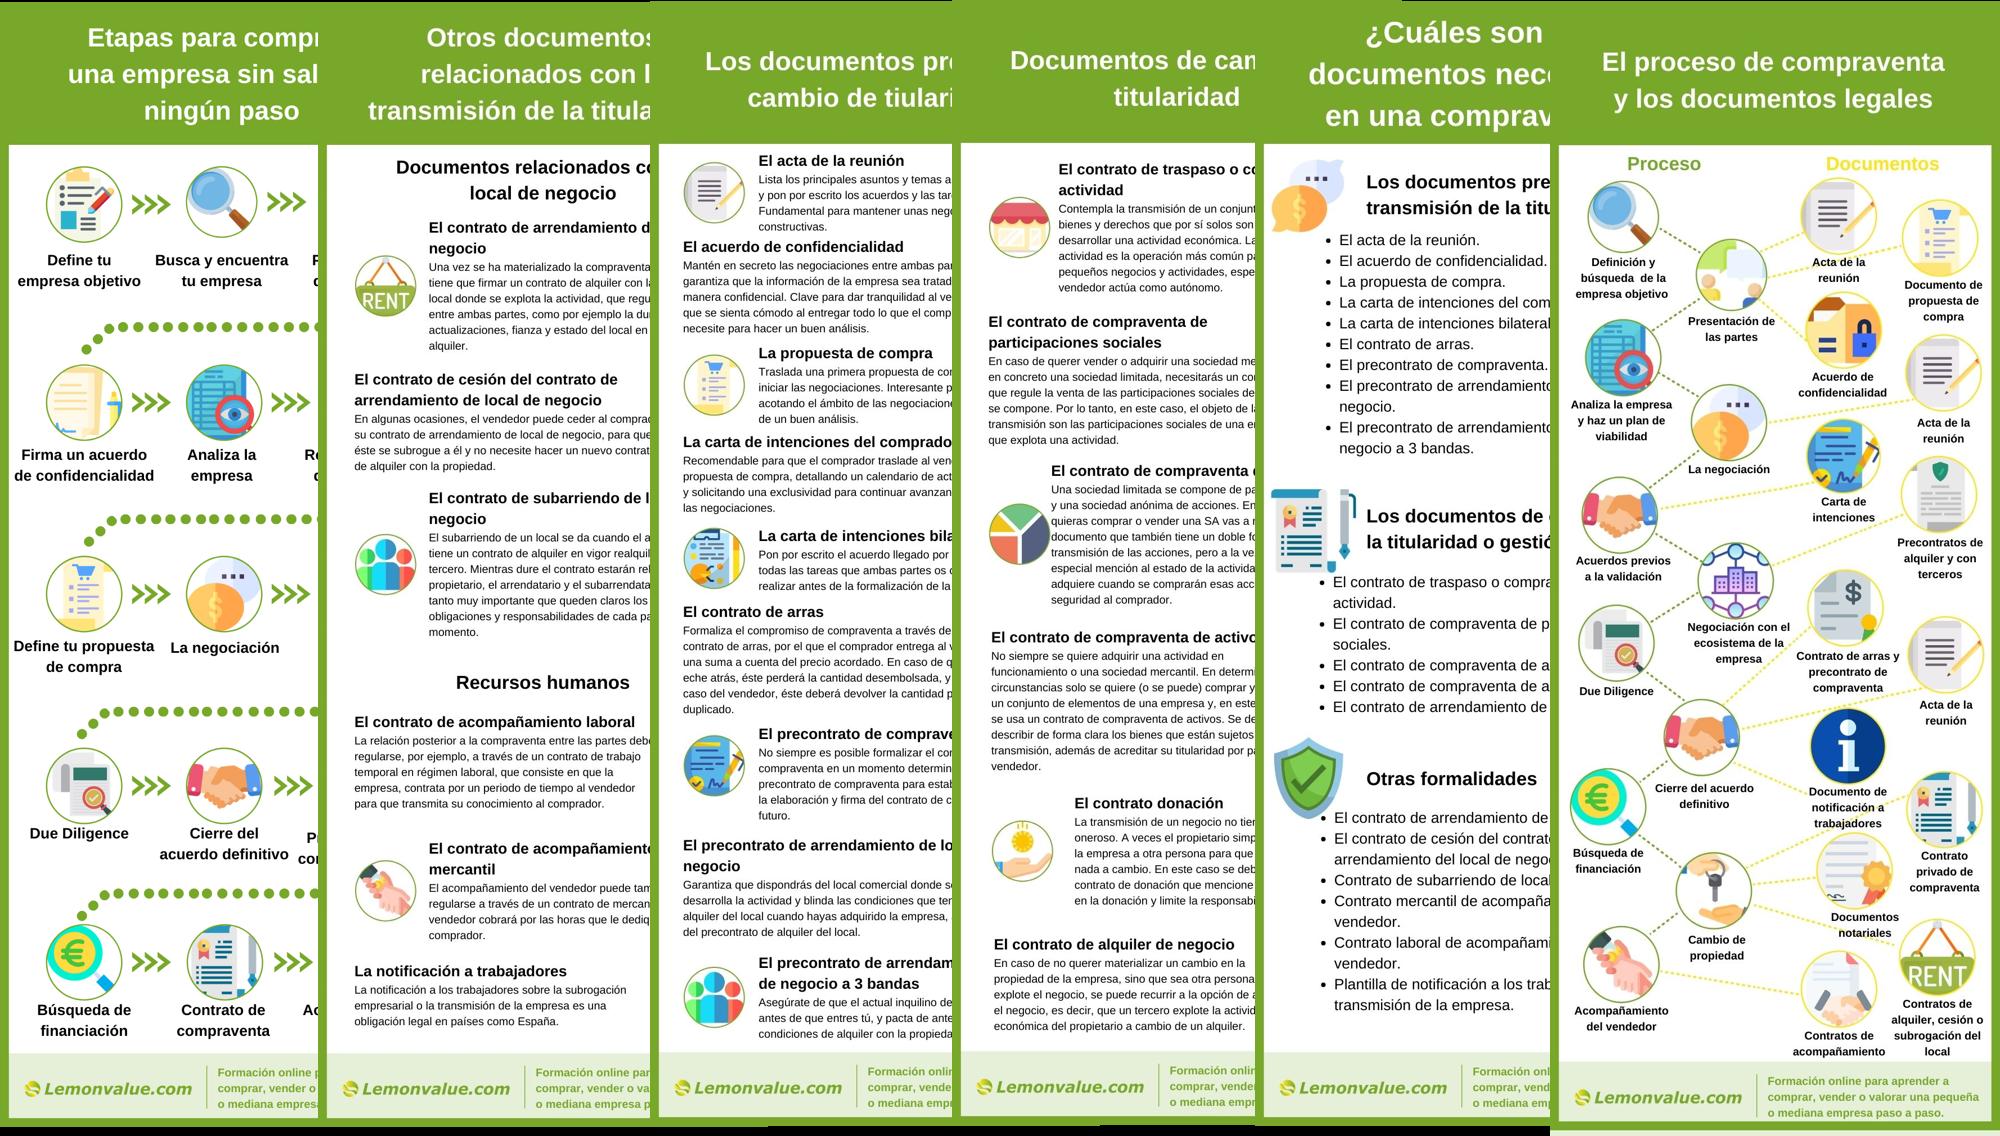 Lemon Value_Infografias curso documentos